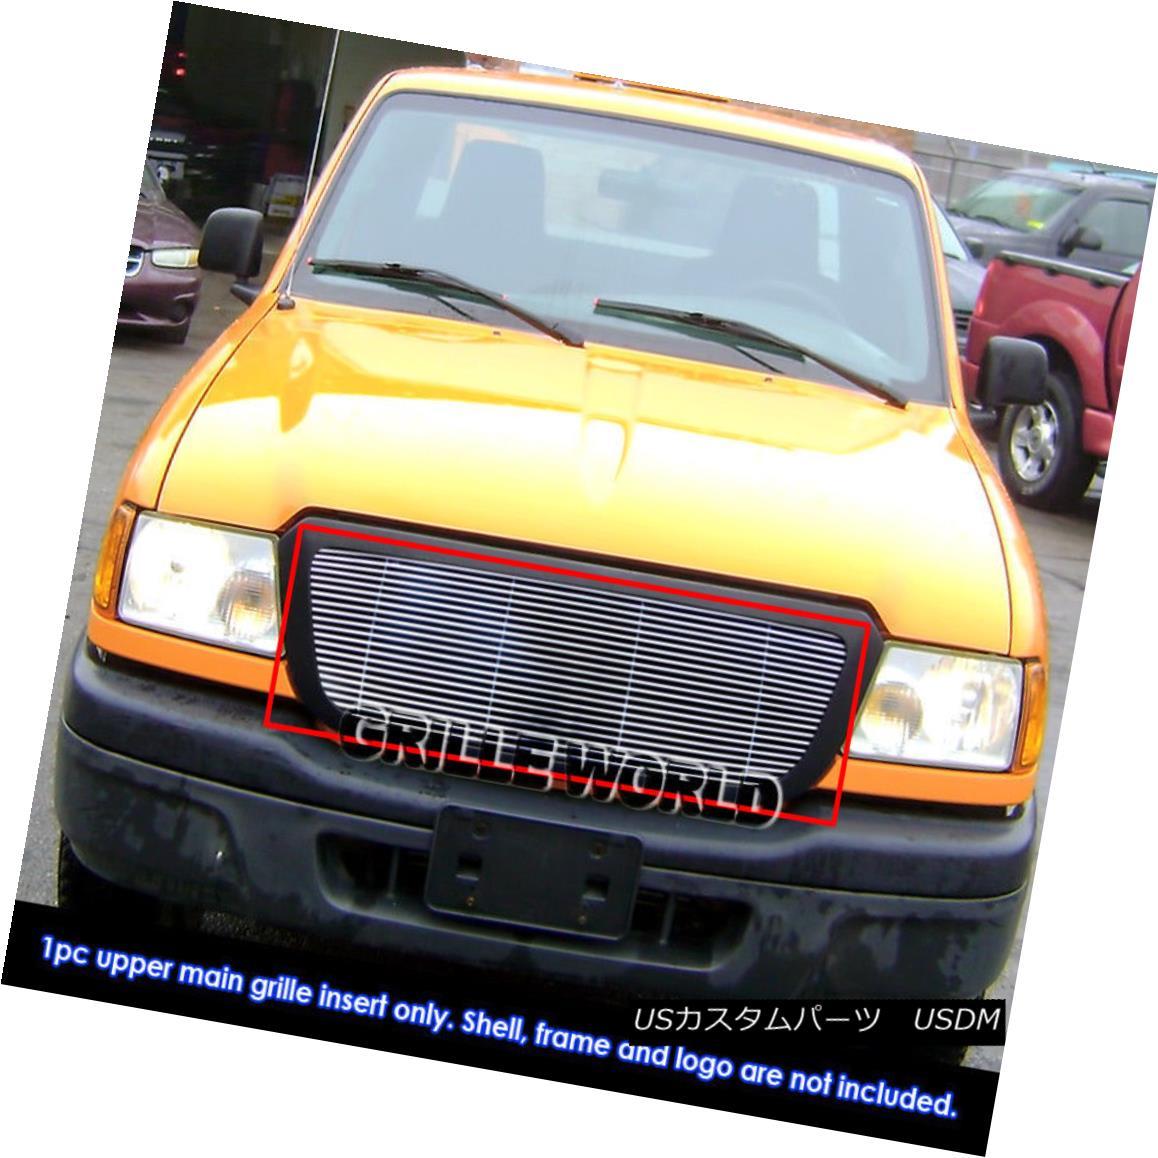 グリル For 04-05 Ford Ranger All Model Billet Grille Insert 04-05 For Ford Ranger All Model Billet Grille Insert